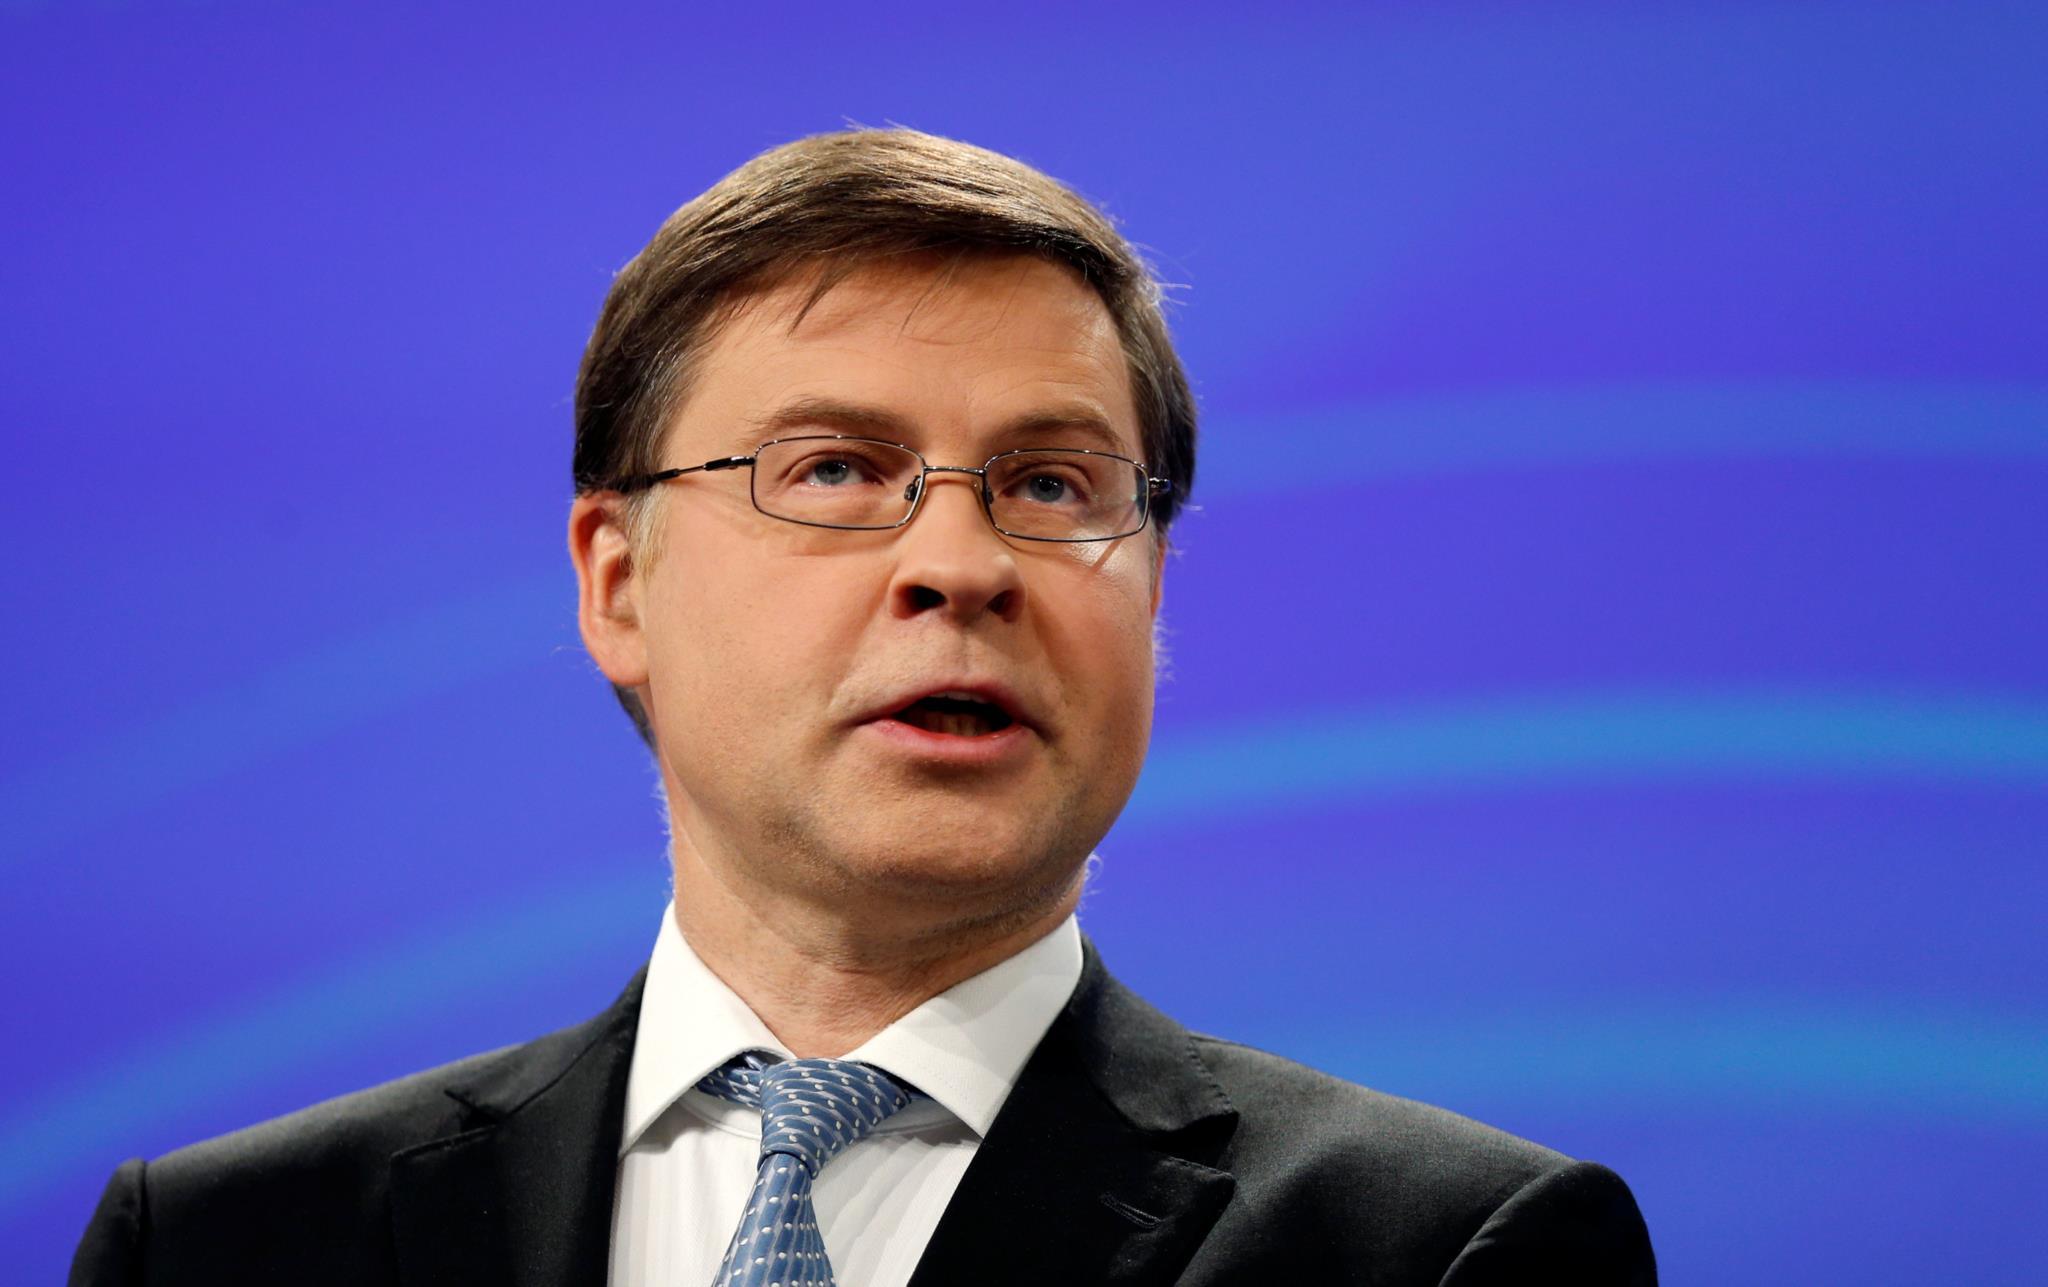 PÚBLICO - Dombrovskis admite saída de Portugal do procedimento por défice excessivo